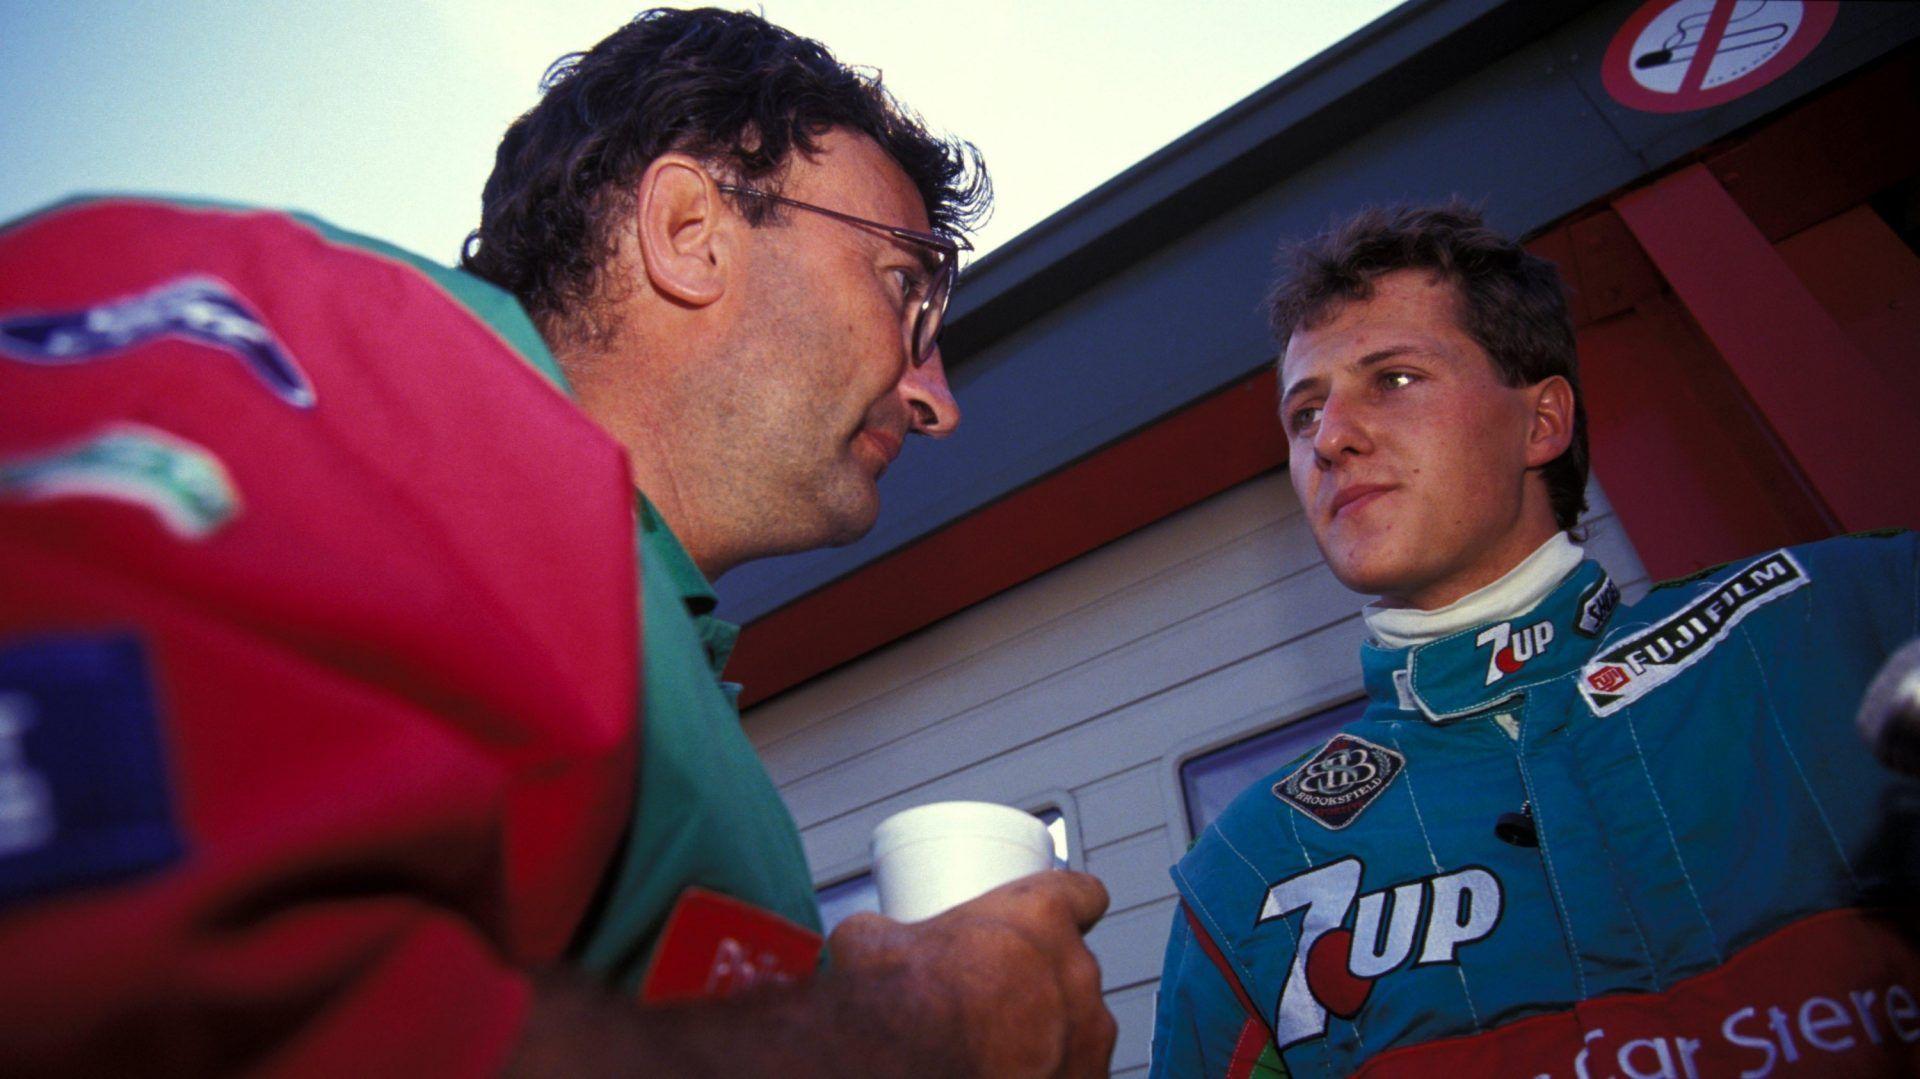 Eddie Jordan with Michael Schumacher